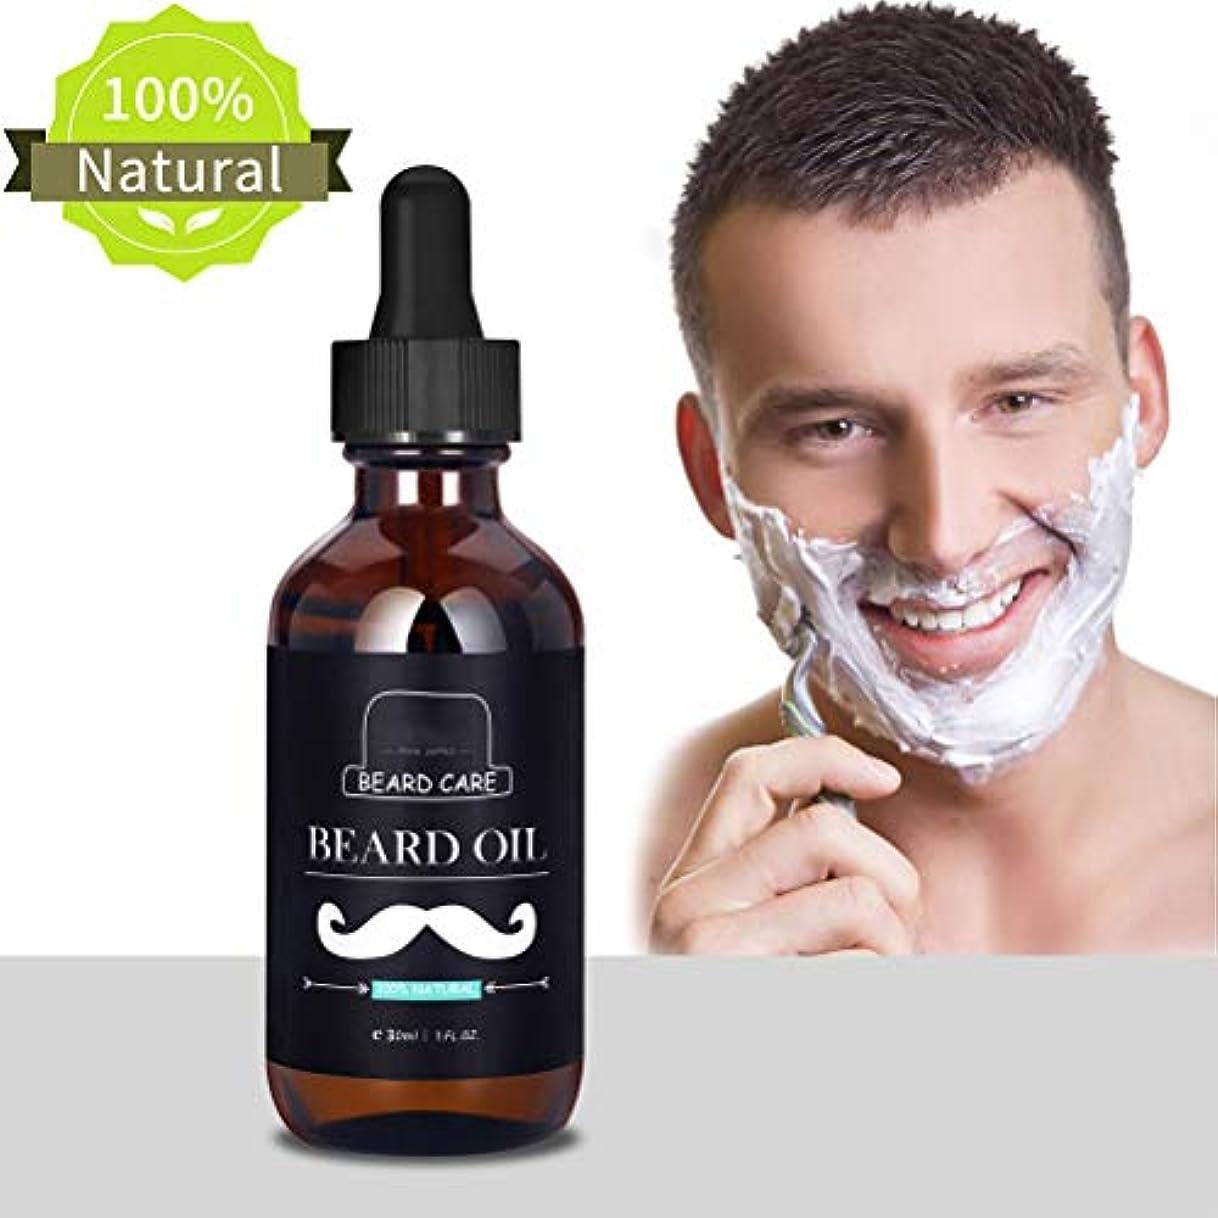 Creacom ひげ油 ひげオイル 口髭成長用 30ml トリートメント液 グルーミング ひげの成長 保湿 コンディショナー ひげの成長 保湿 コンディショナー ひげオイル ヘア ナチュラル